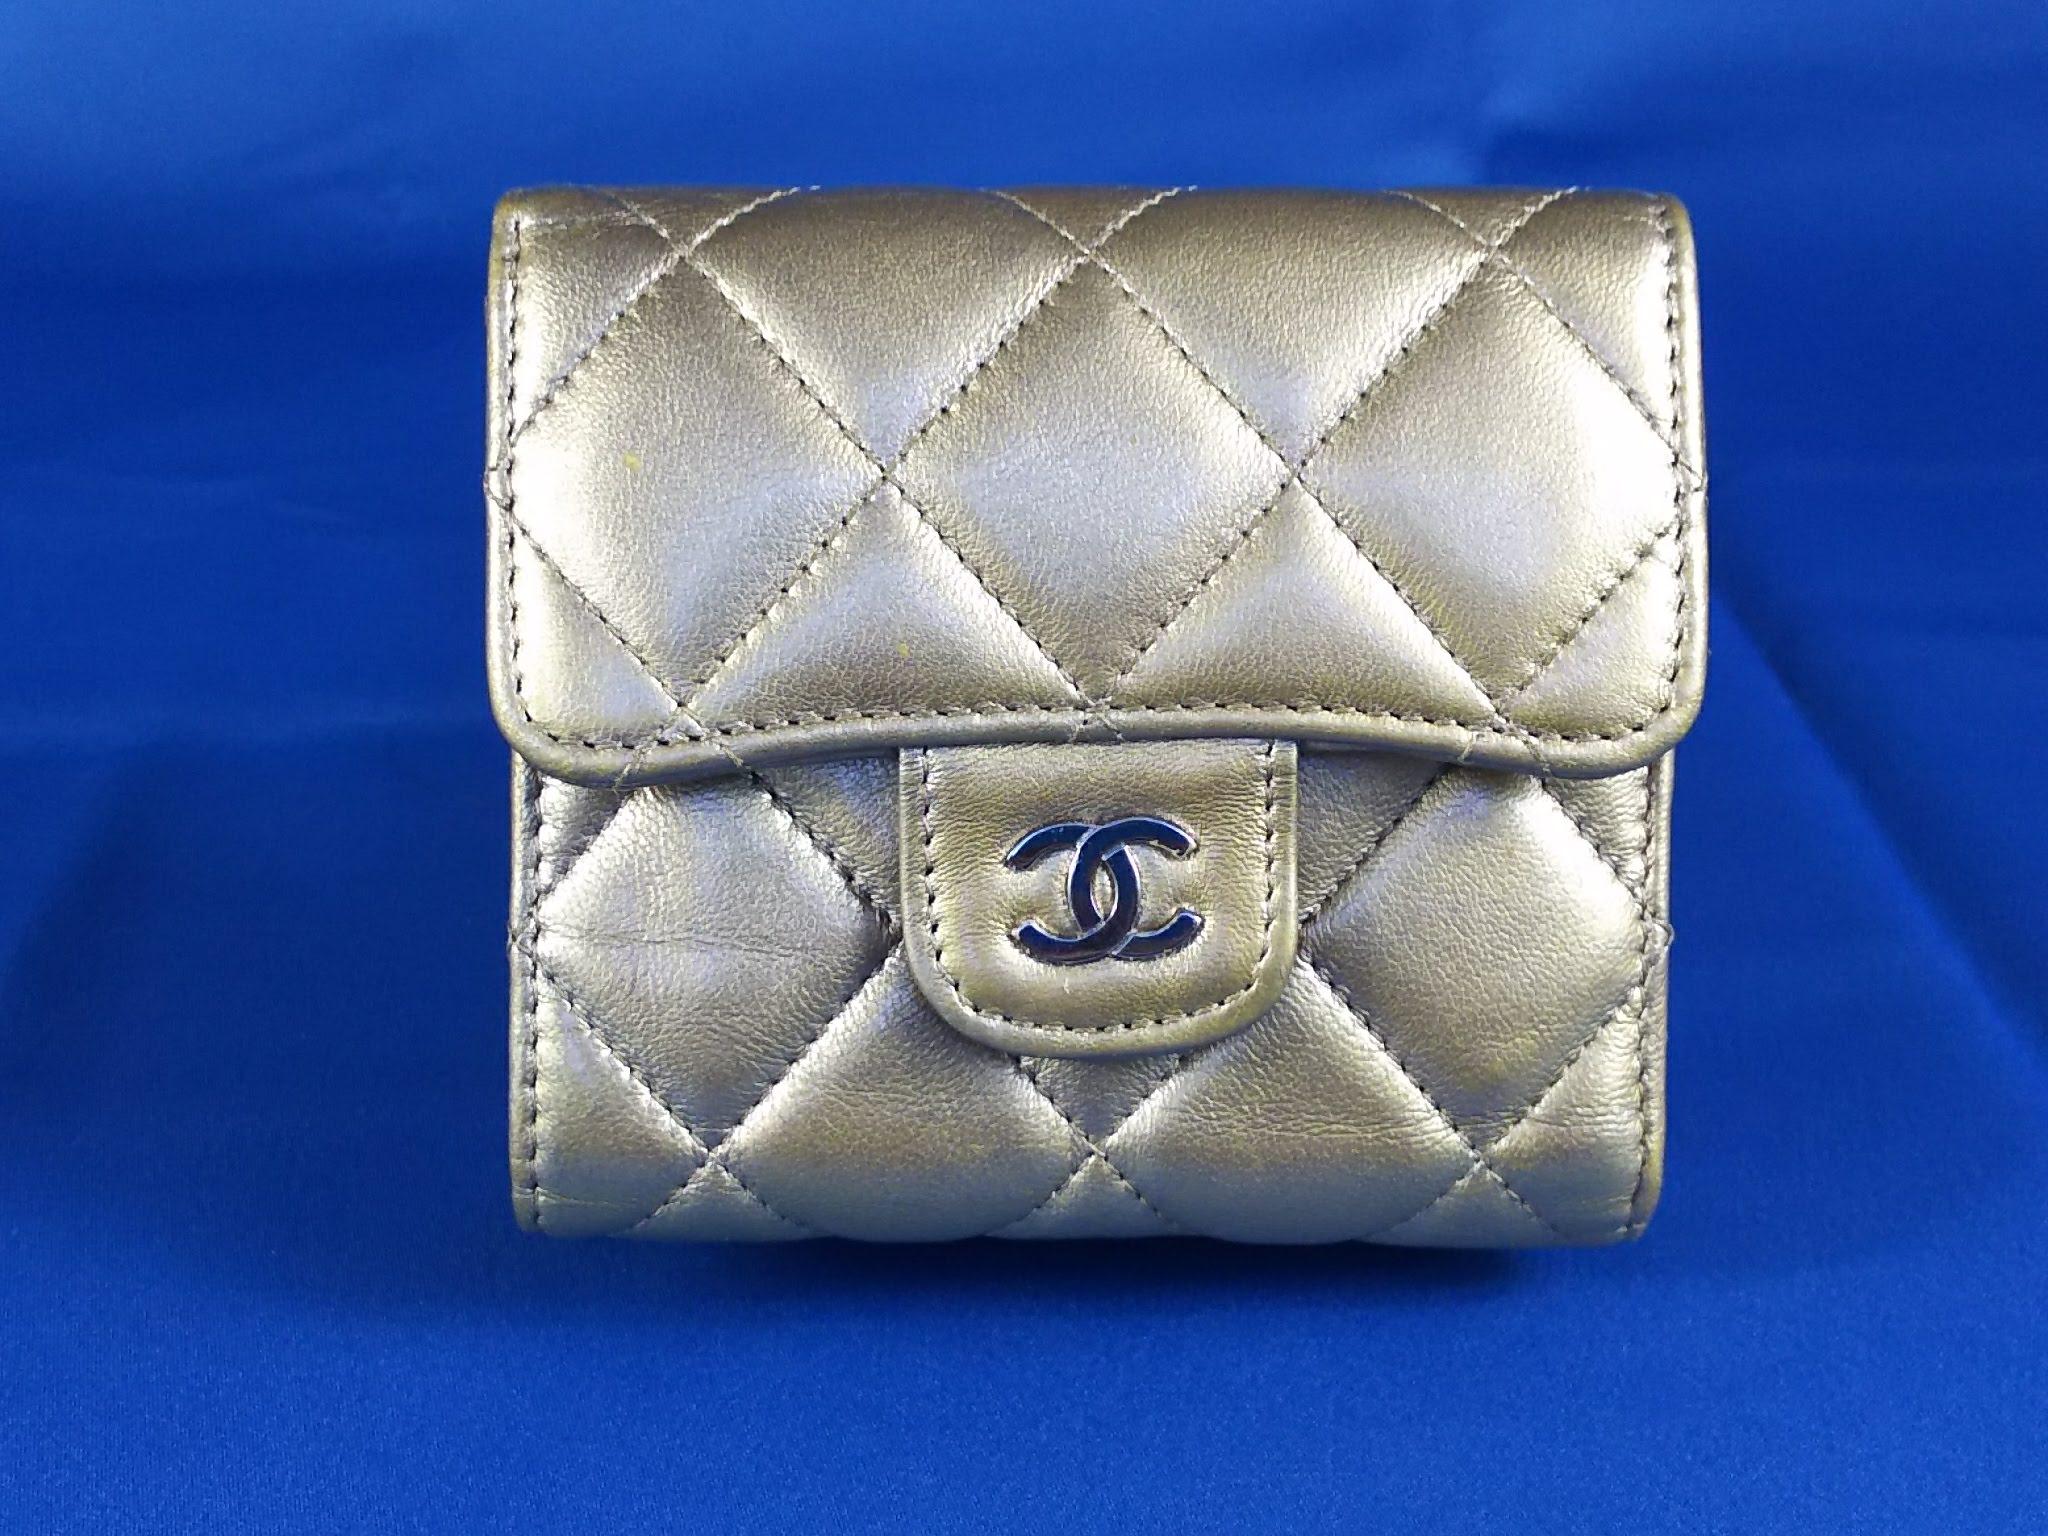 93b8ef88c00f シャネル財布 メタリックカラーの色補修 バッグなど革製品修理・塗り ...